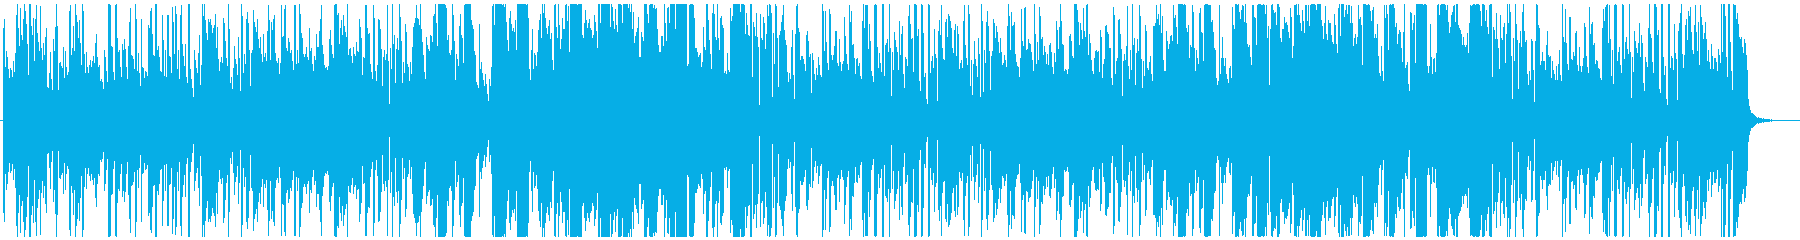 ジャズっぽいのんの再生済みの波形